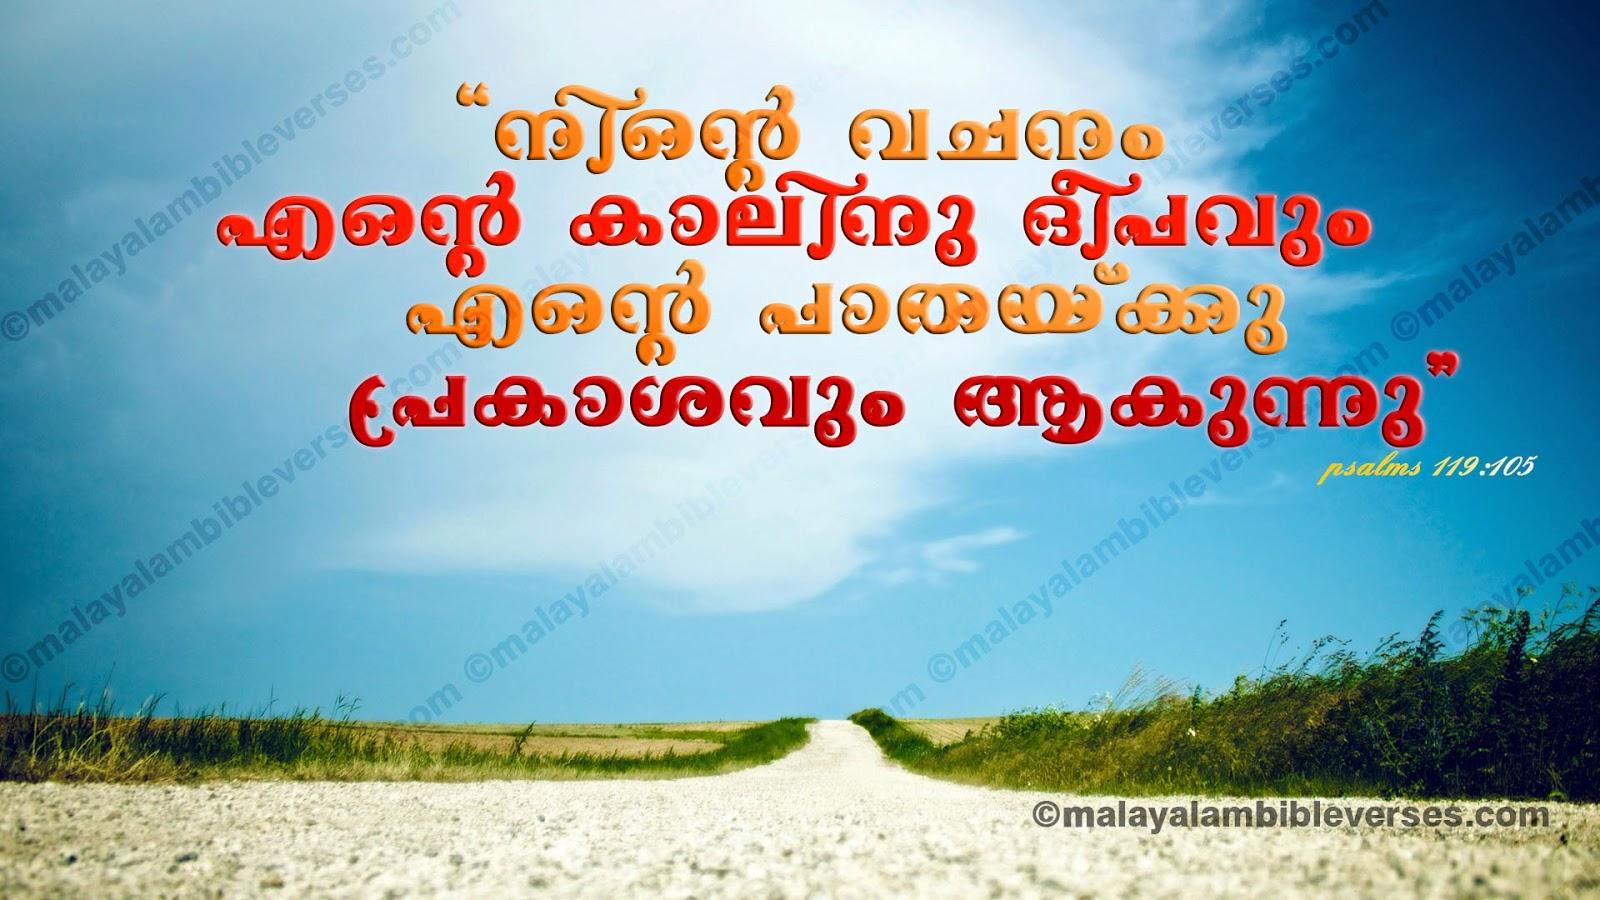 psalms_119_105 | Malayalam bible verses